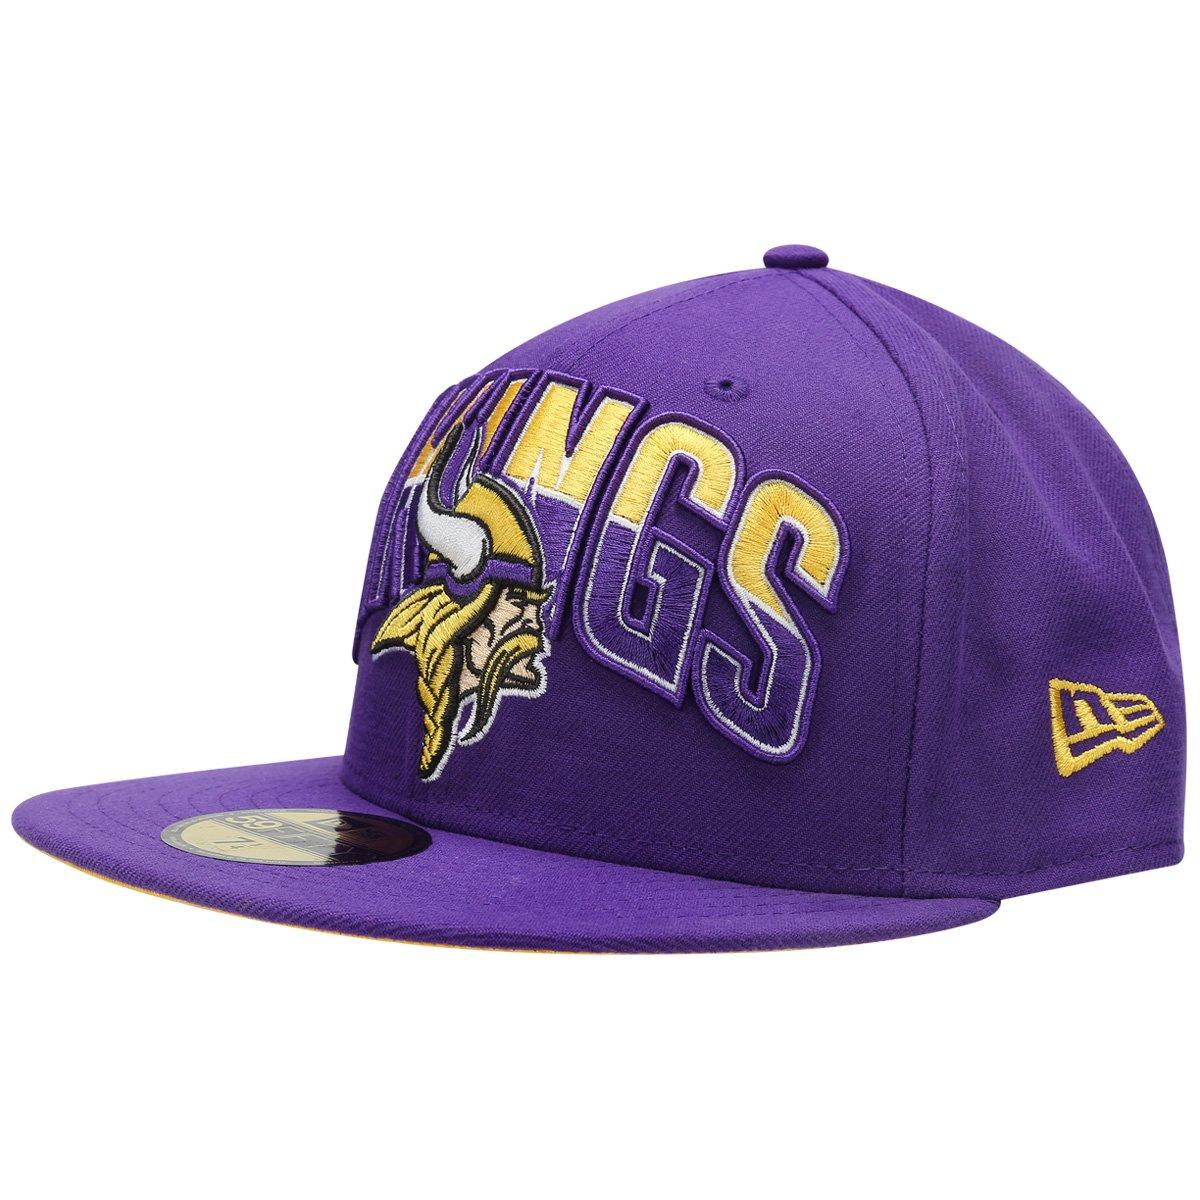 Boné New Era 5950 NFL Draft Minnesota Vikings Team Color - Compre Agora  96eac4d1943